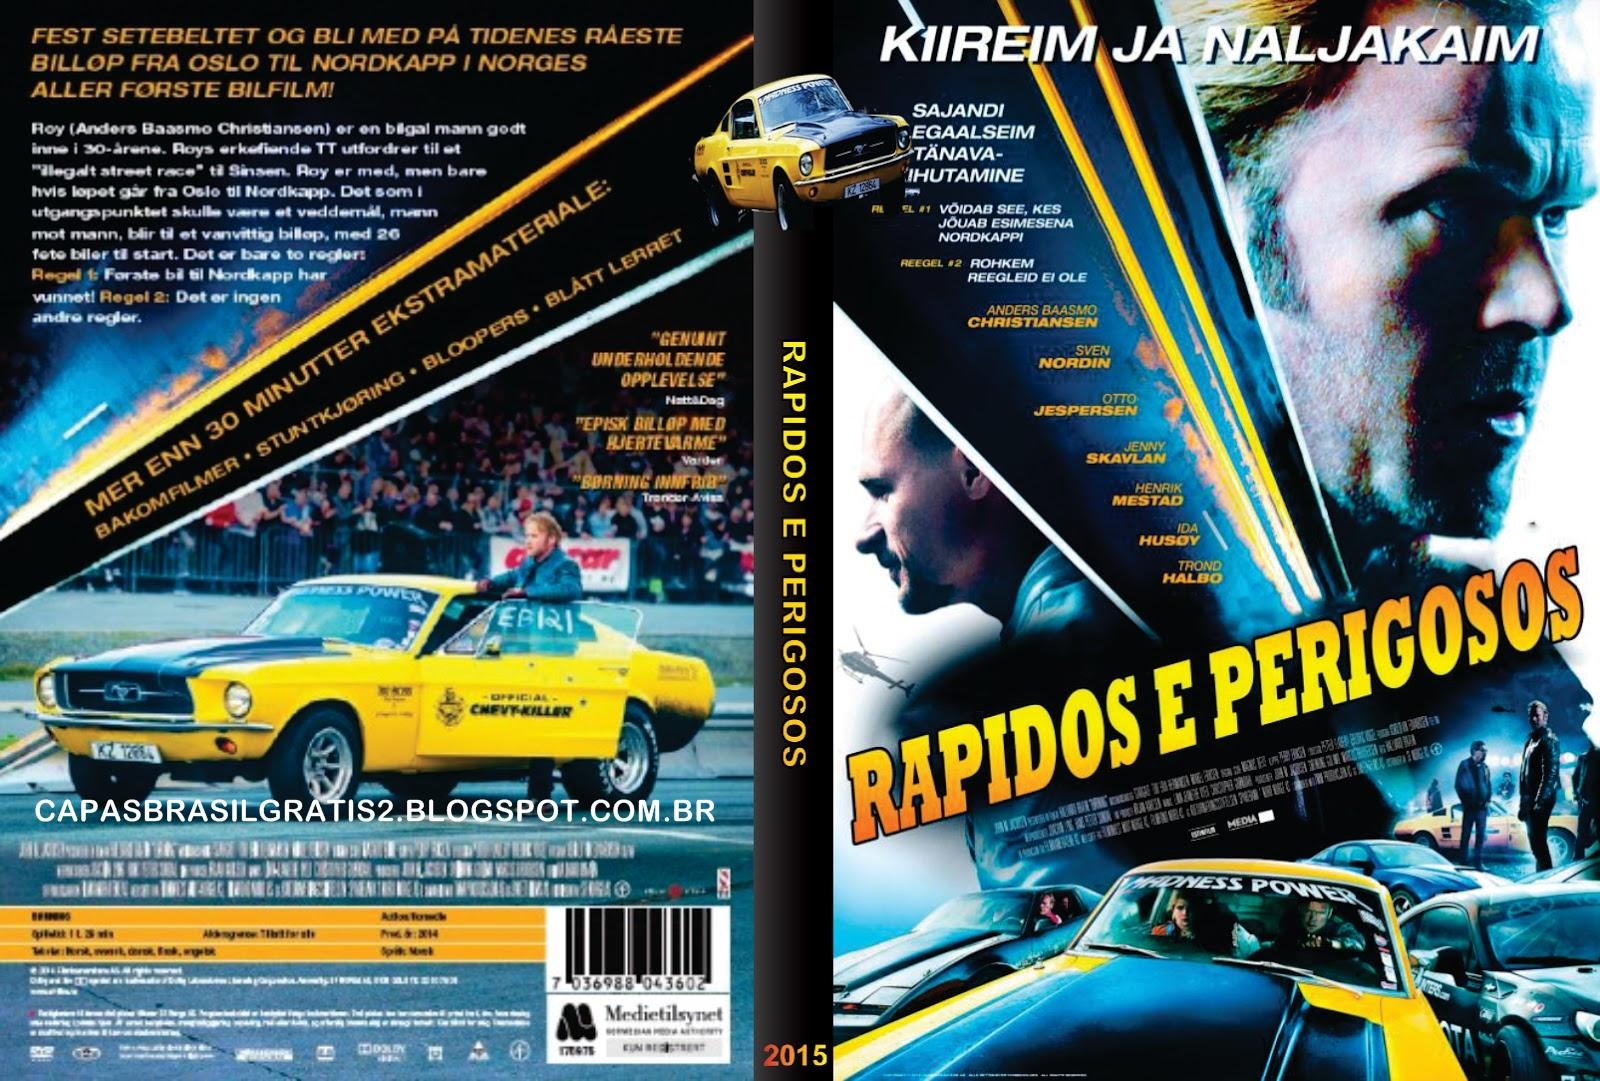 Download Rápidos e Perigosos BDRip XviD Dublado R C3 A1pidos e Perigosos